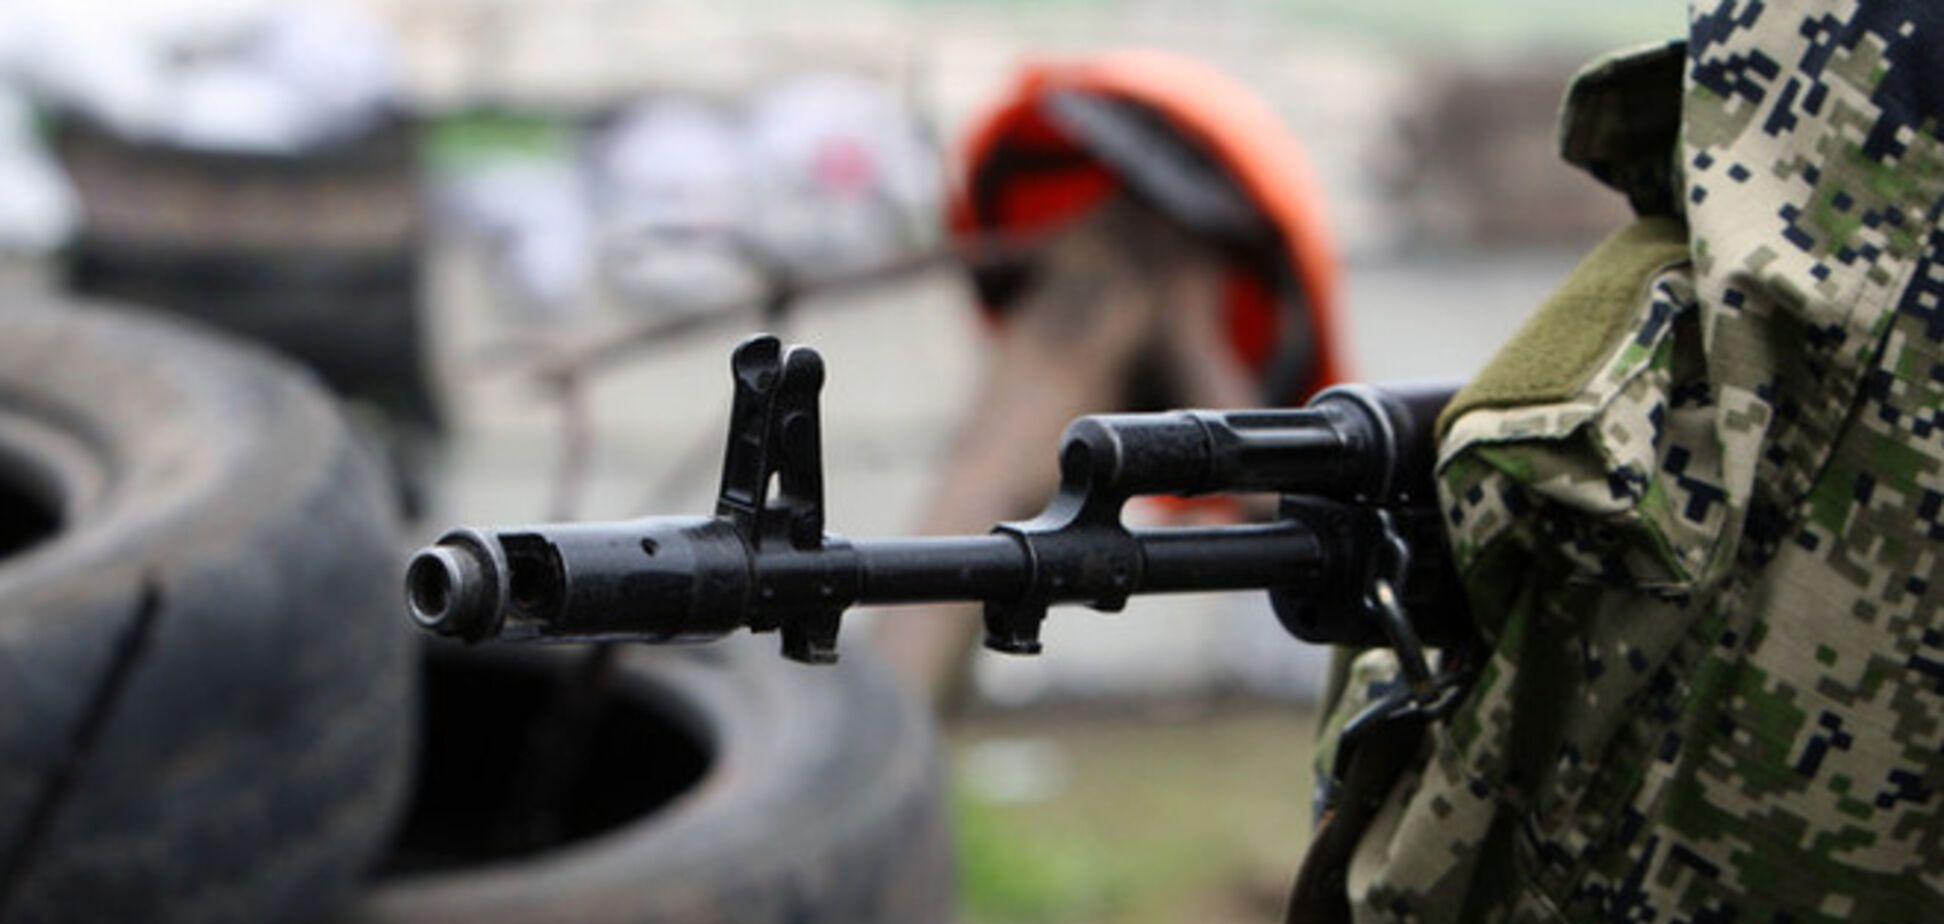 СМИ Кремля сообщили о жертвах АТО в Славянске